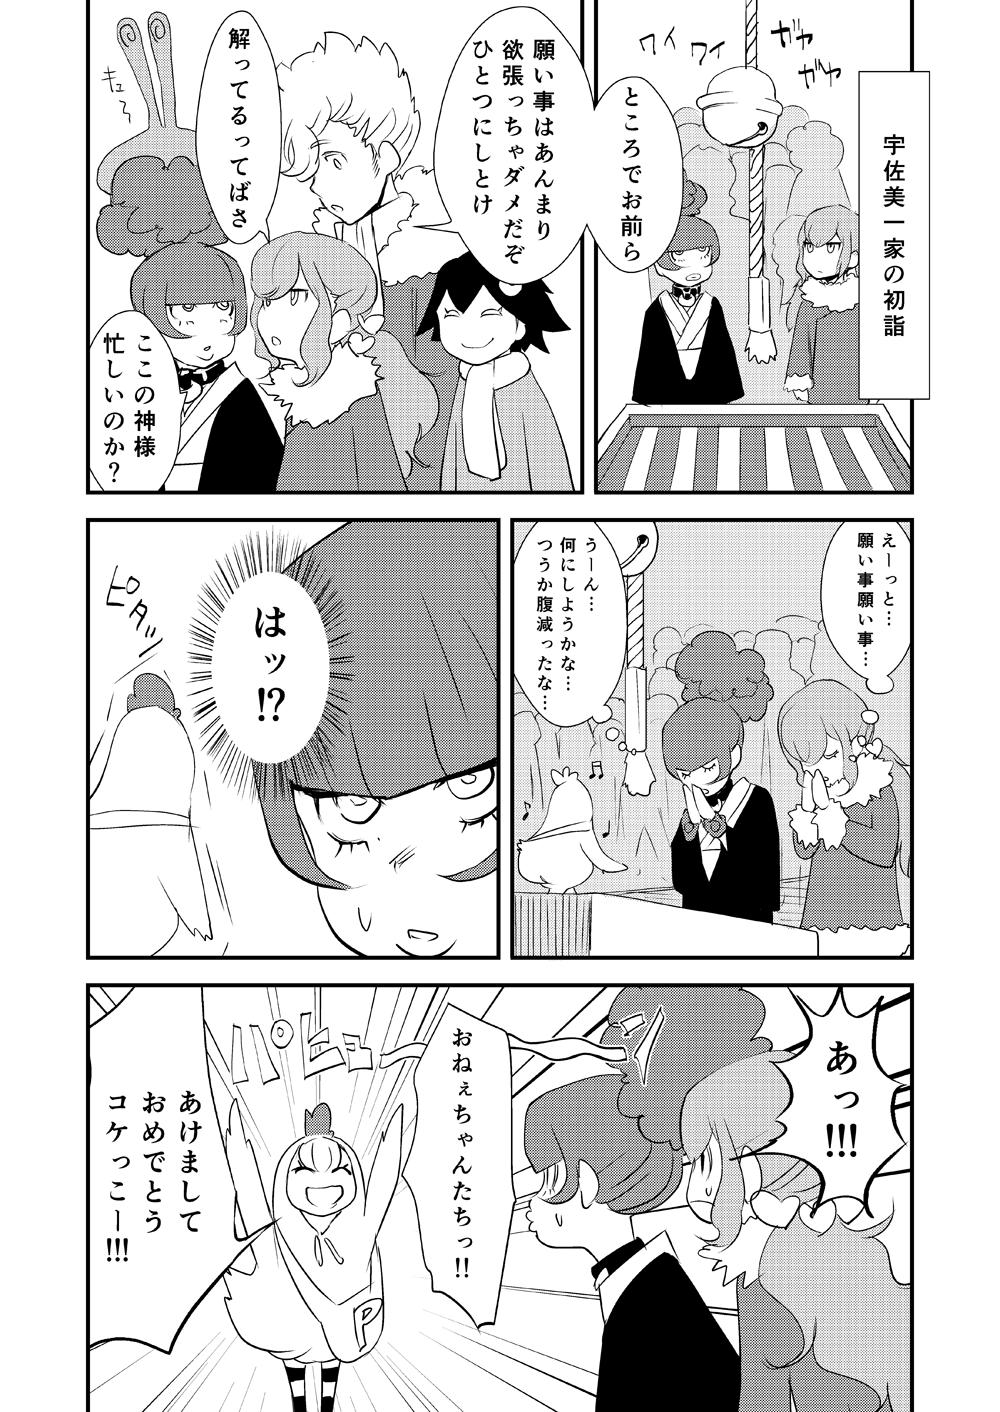 2017-piyoco-chan-comic-1